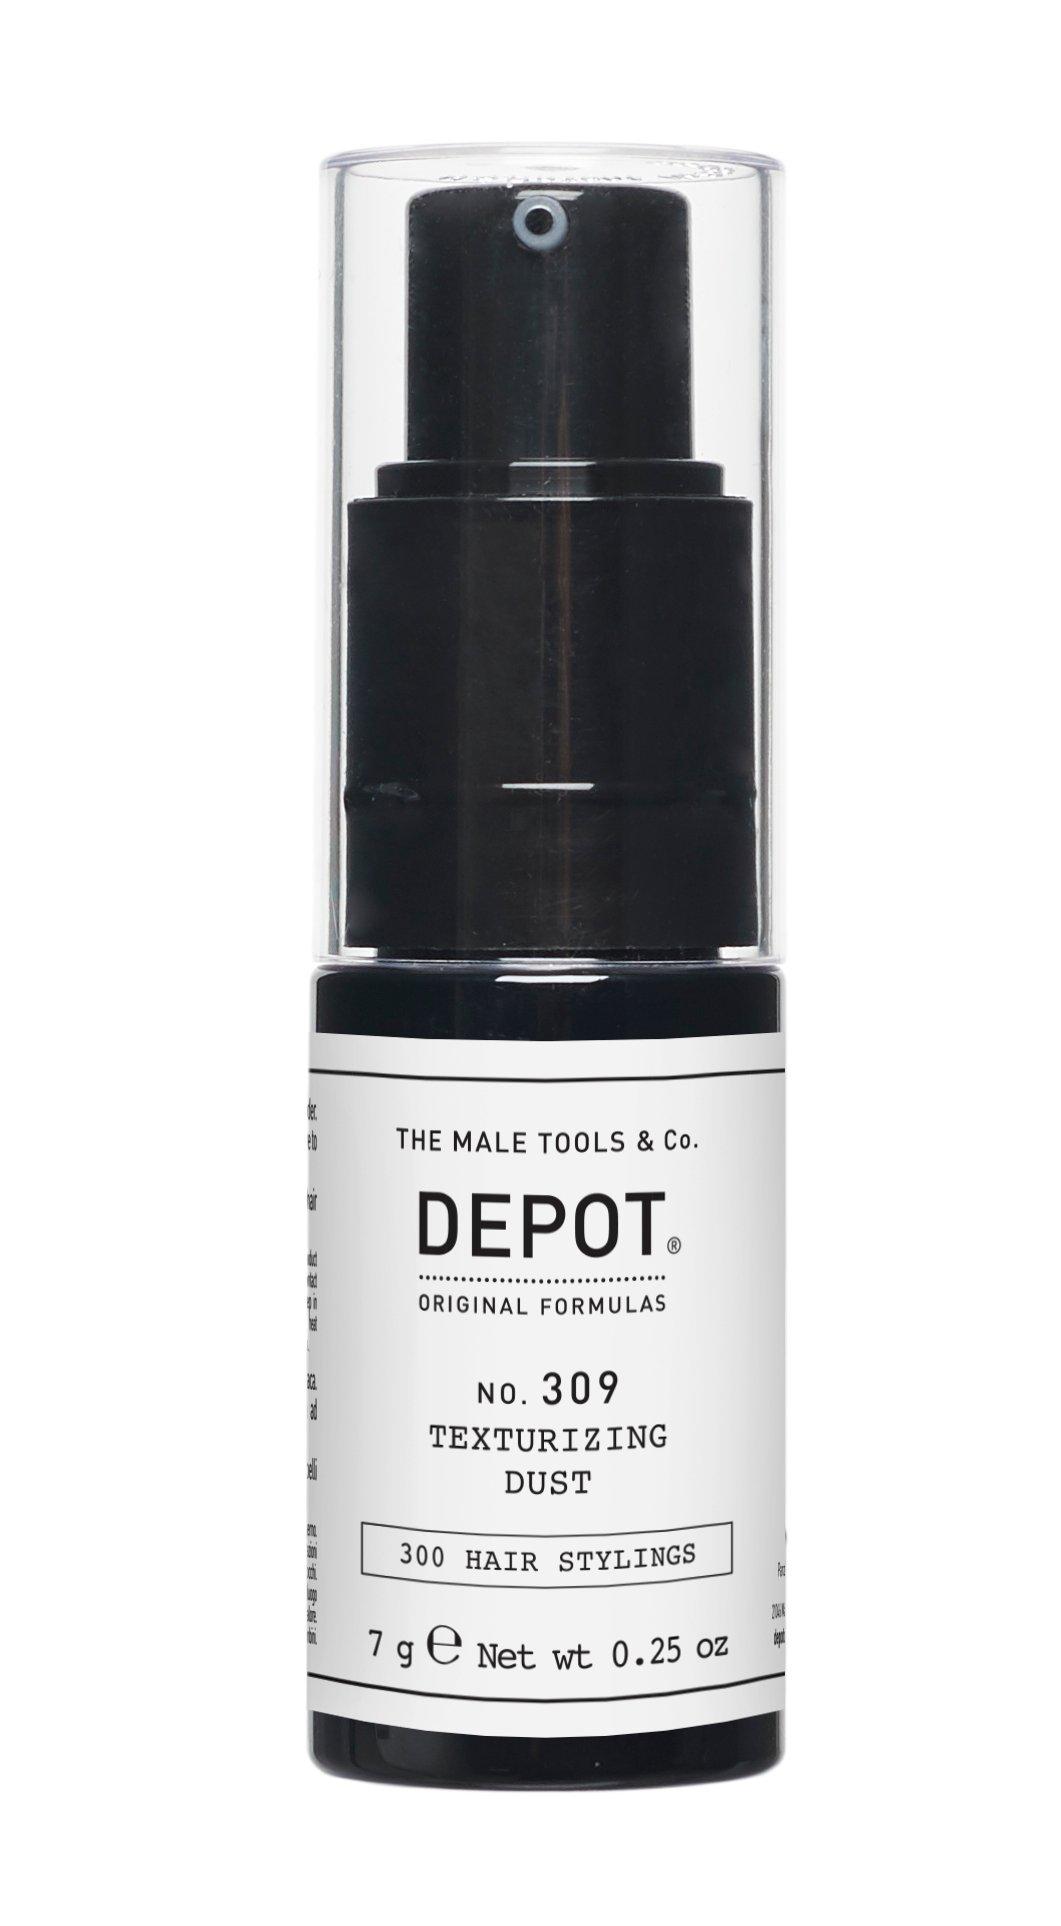 Depot - Texturazing Dust 7 G